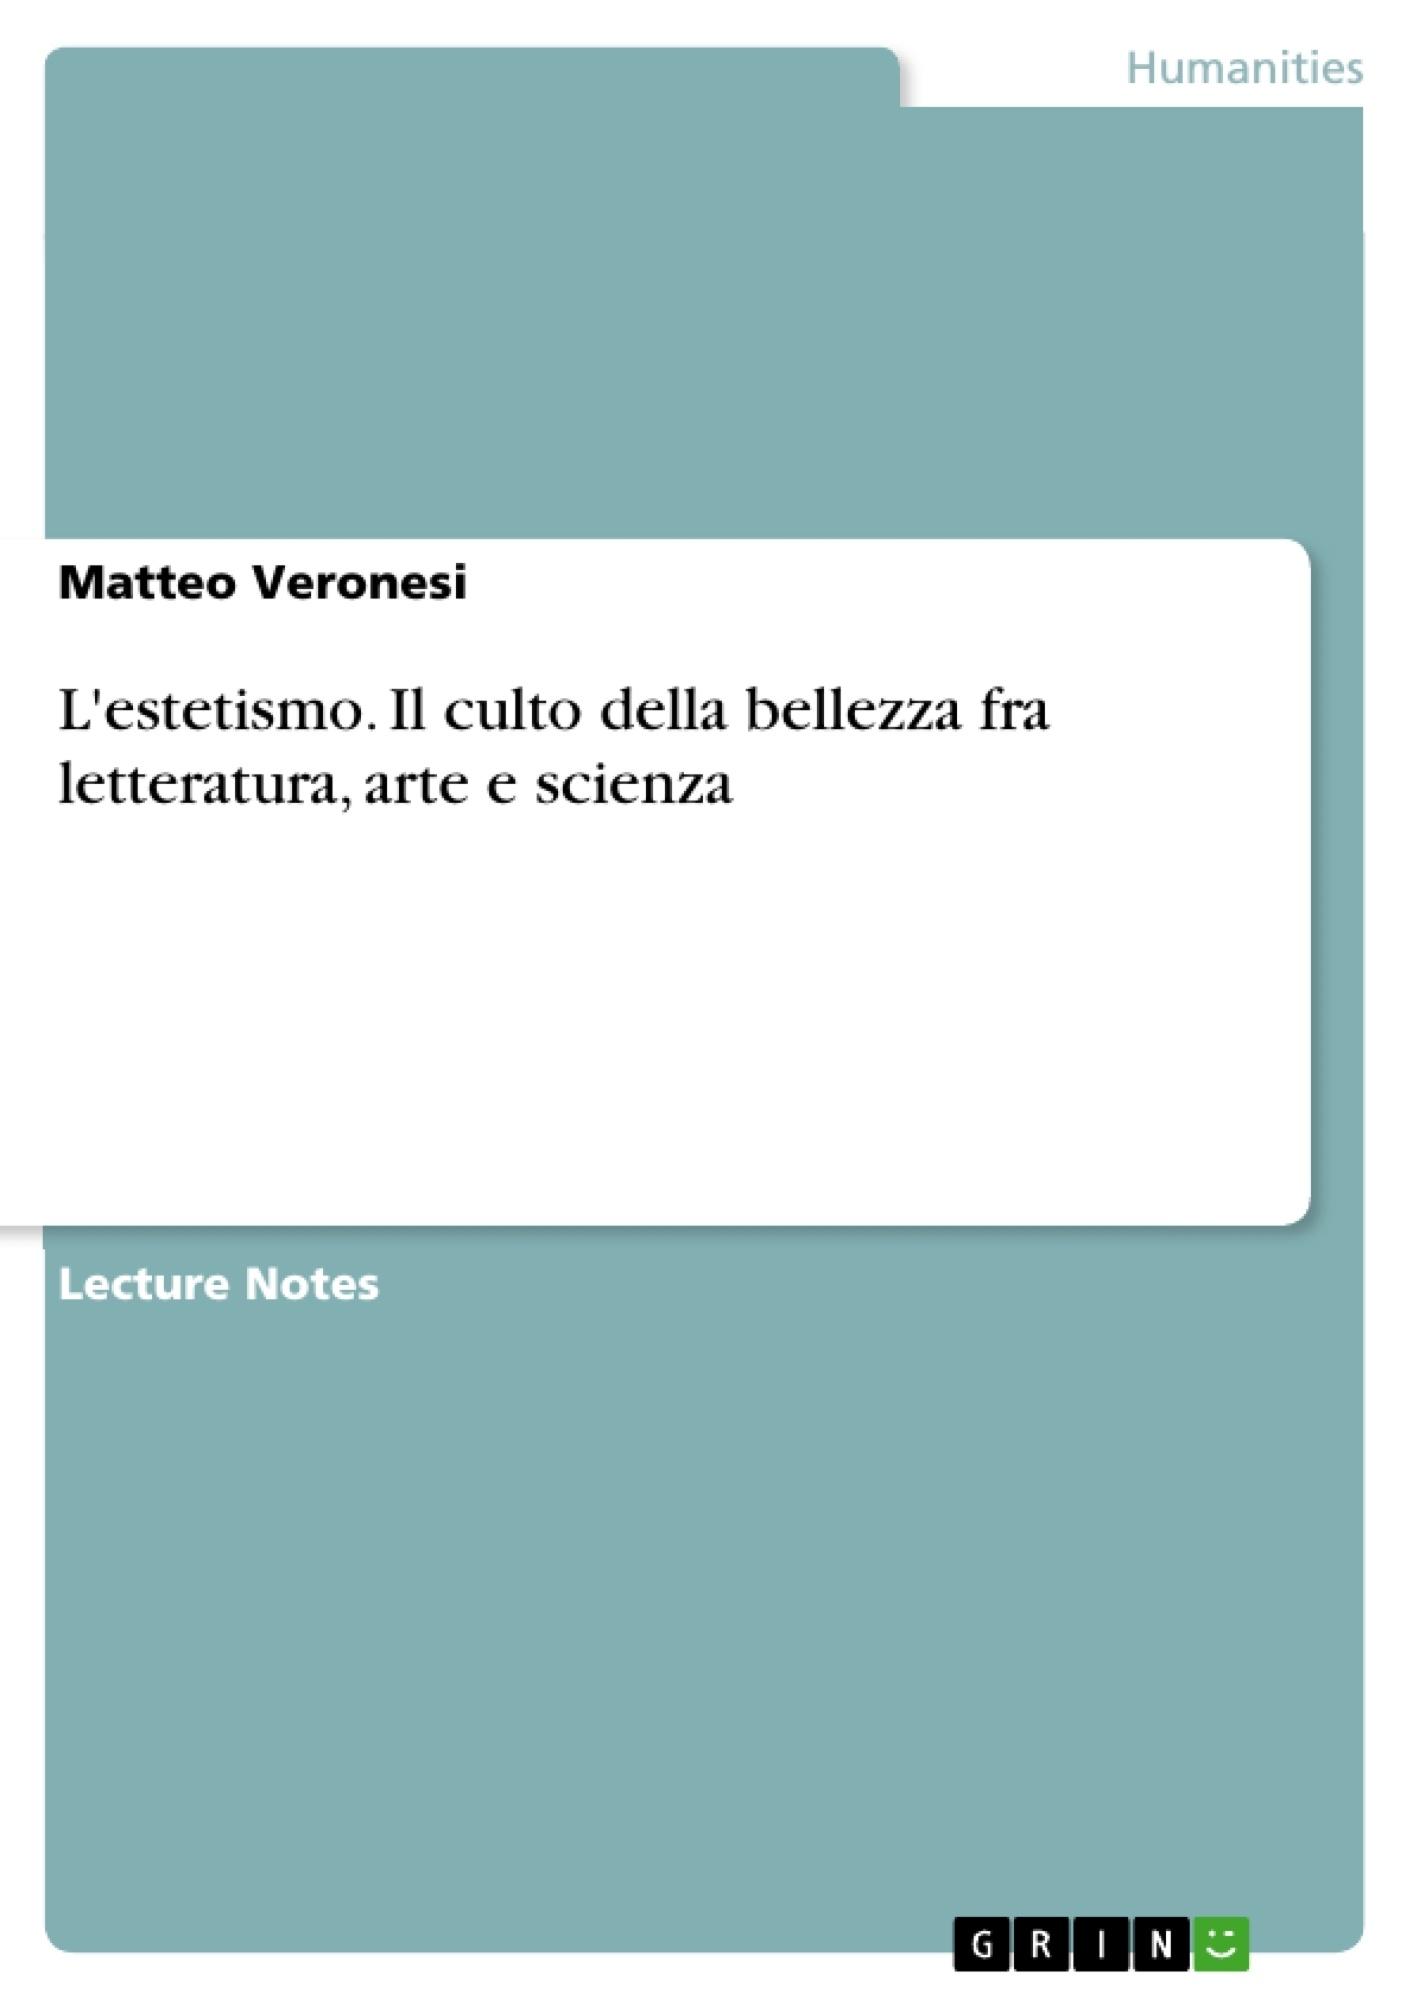 Title: L'estetismo. Il culto della bellezza fra letteratura, arte e scienza